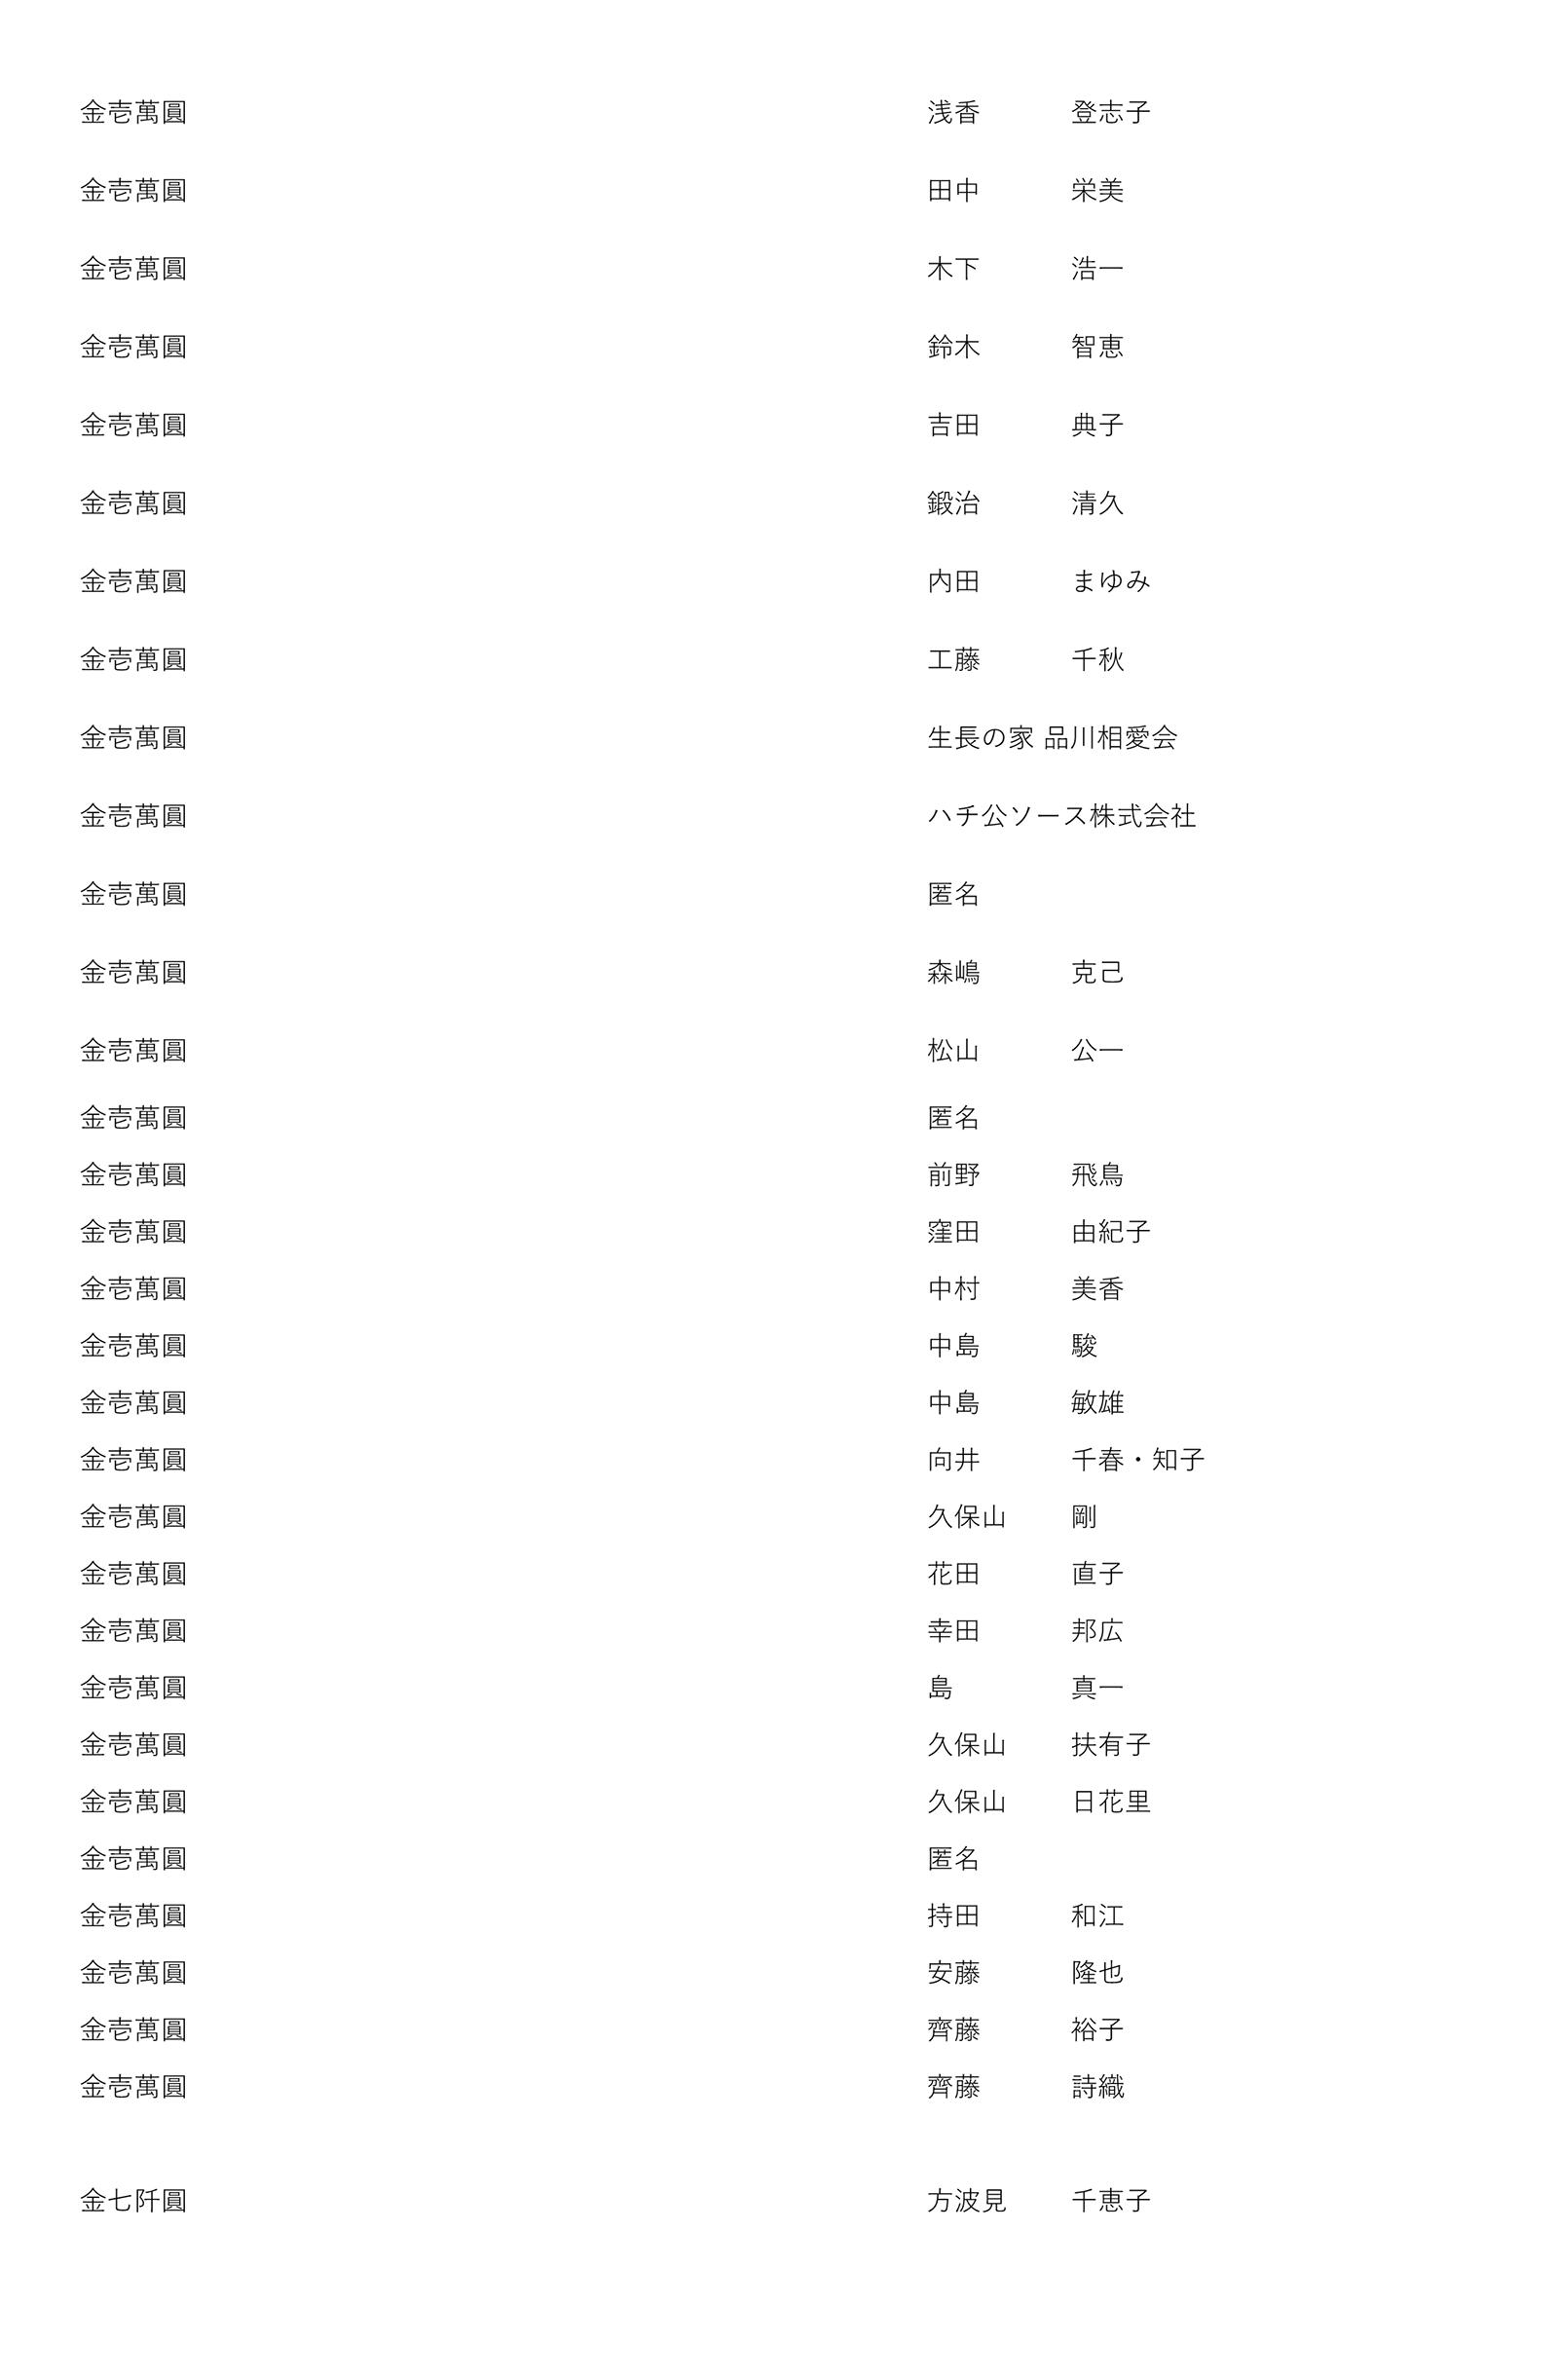 御鎮座七百年記念事業奉賛者御芳名簿14